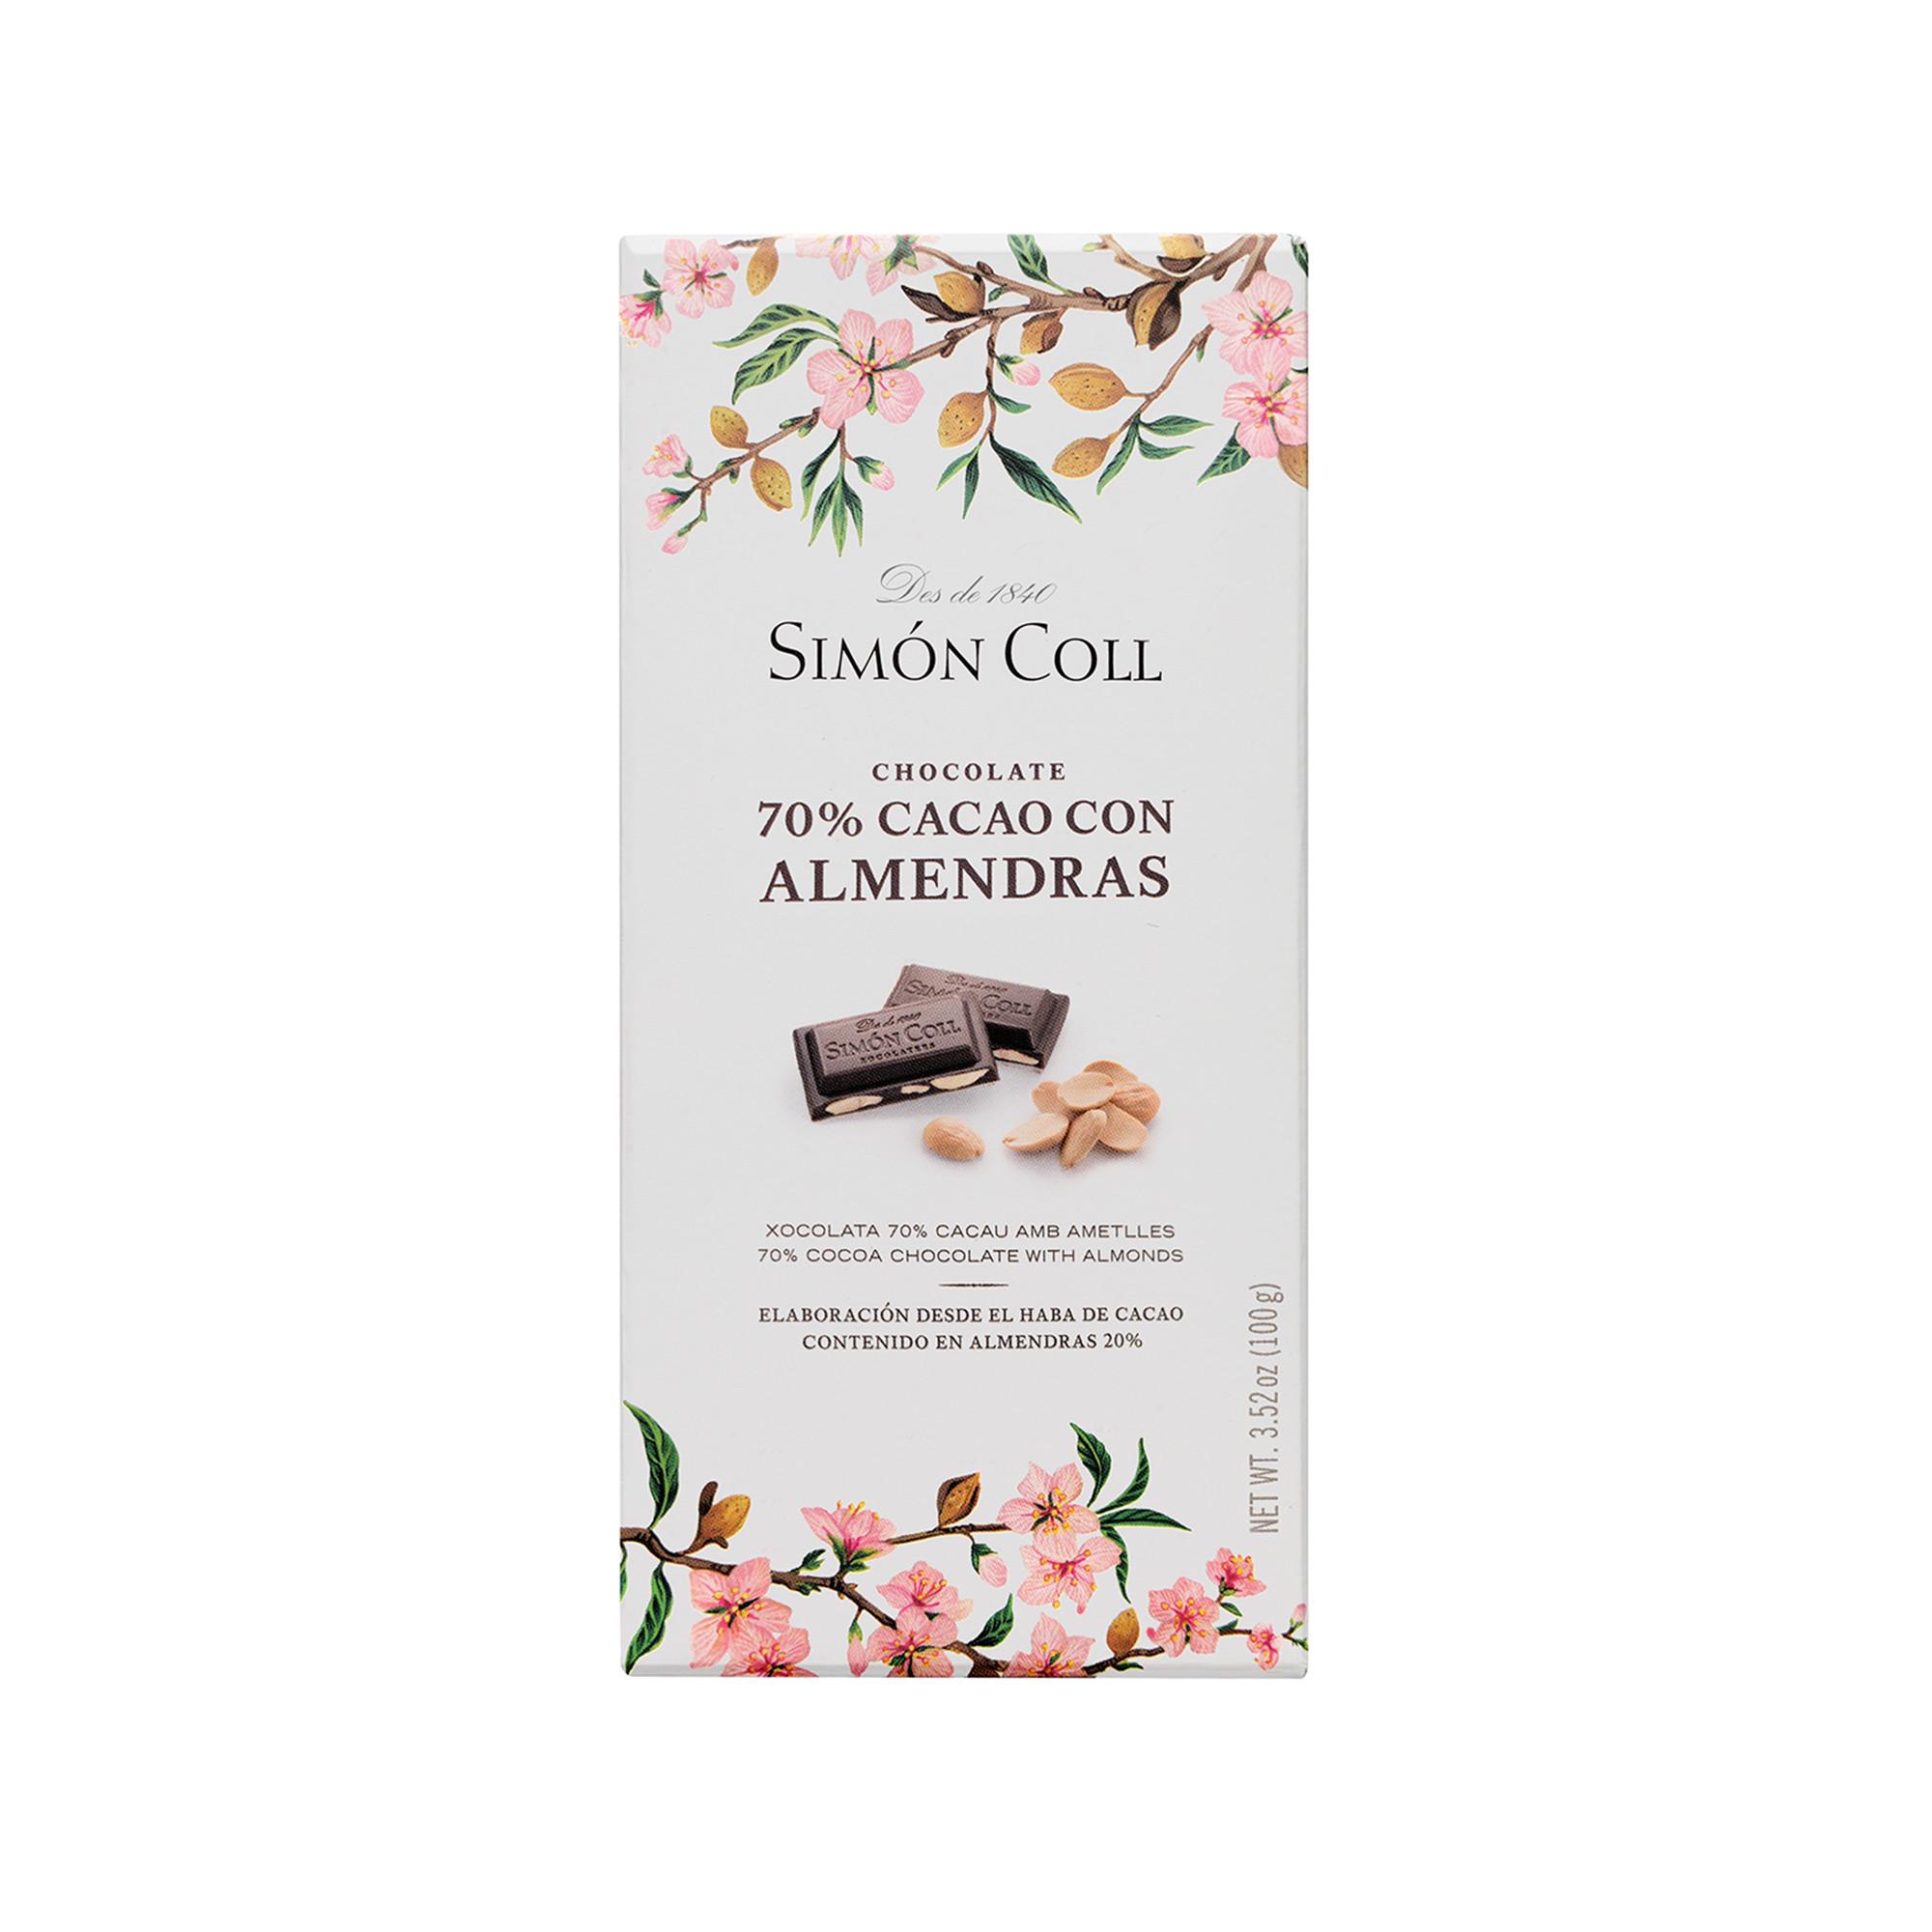 Simon Coll chokolade fra Noru